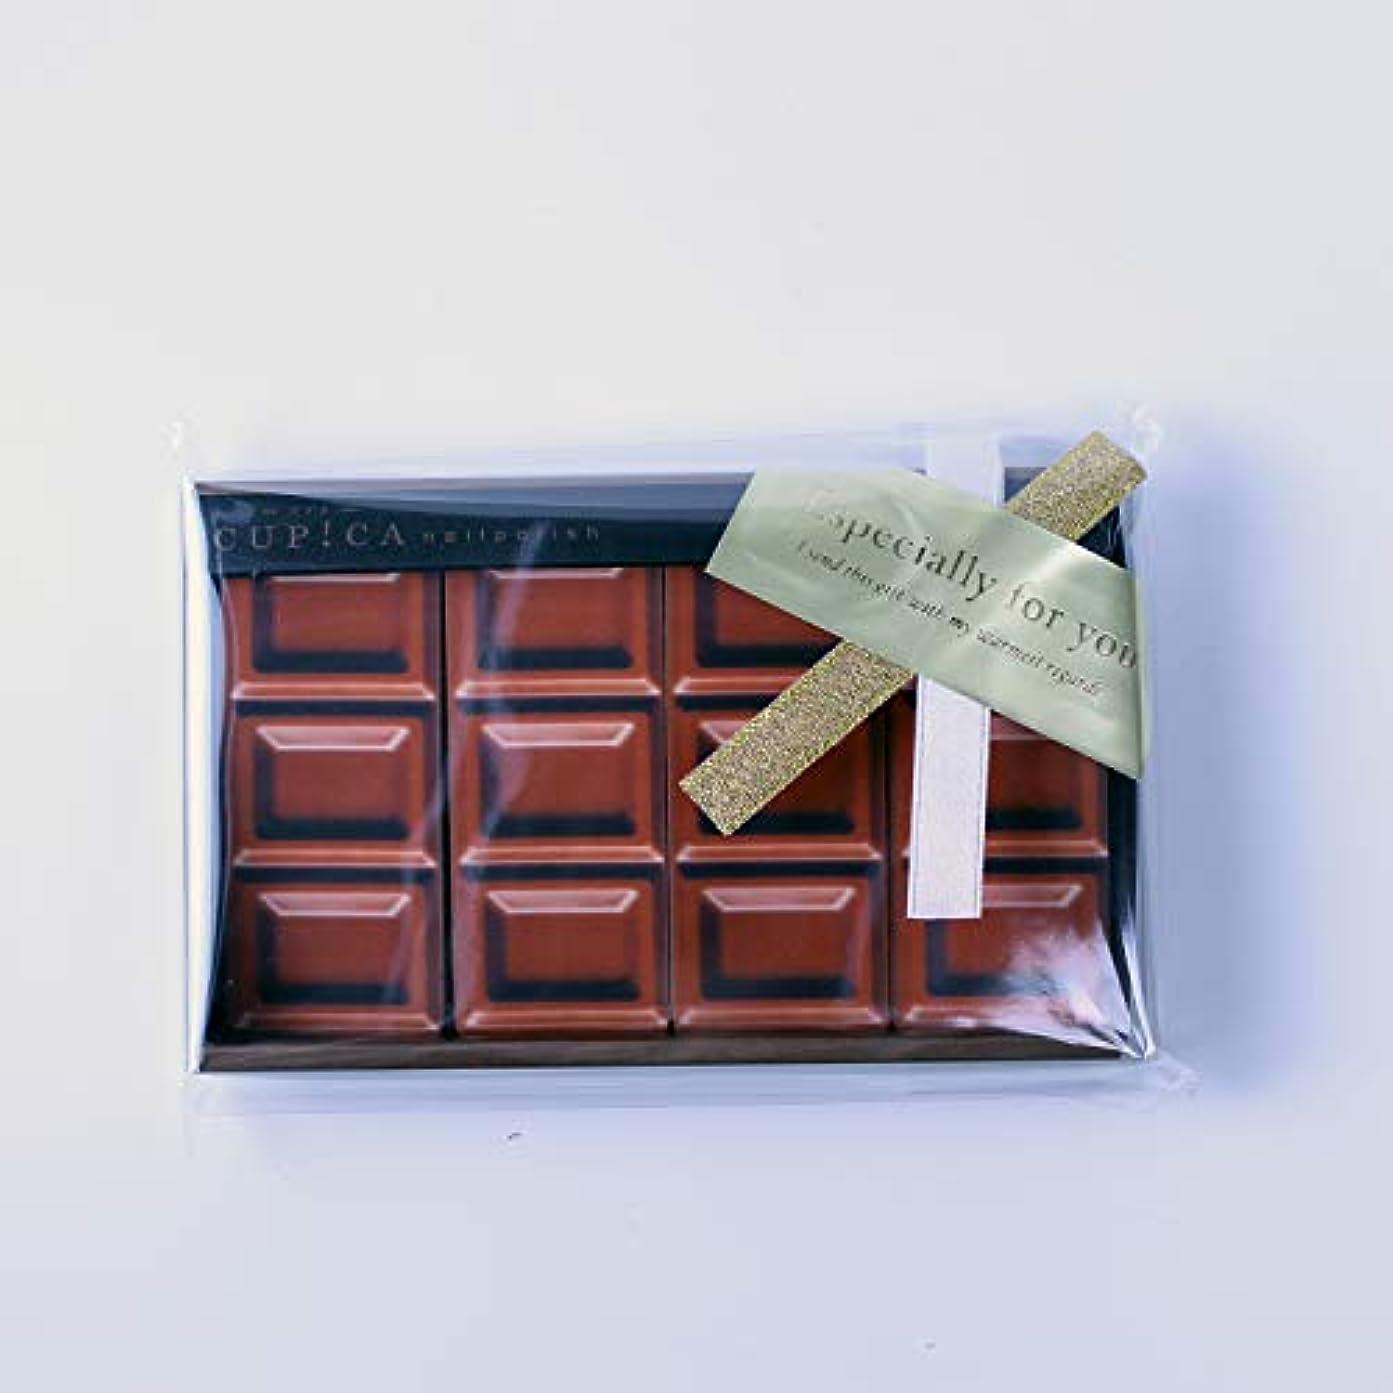 クマノミ管理する骨折バレンタイン ホワイトデー ギフト お餞別 チョコのような爪磨き おもしろグッズ アルスキュピカ チョコレート柄 ギフトシール付 クリアケース入